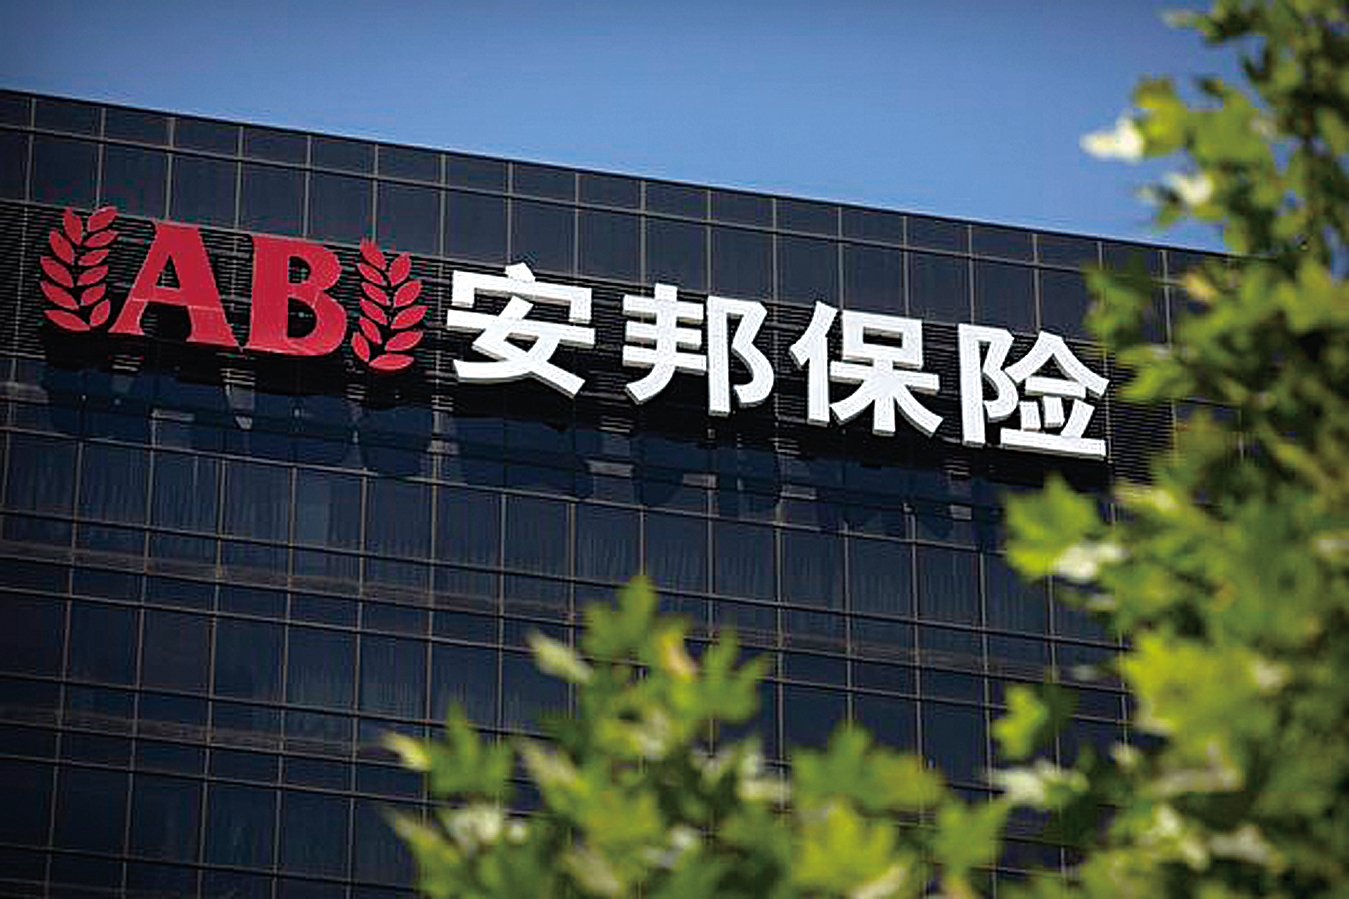 安邦保險公司6月13日公開確認,吳小暉上周已被帶走,並稱吳小暉的職位責任已經由他人代理。(加通社)